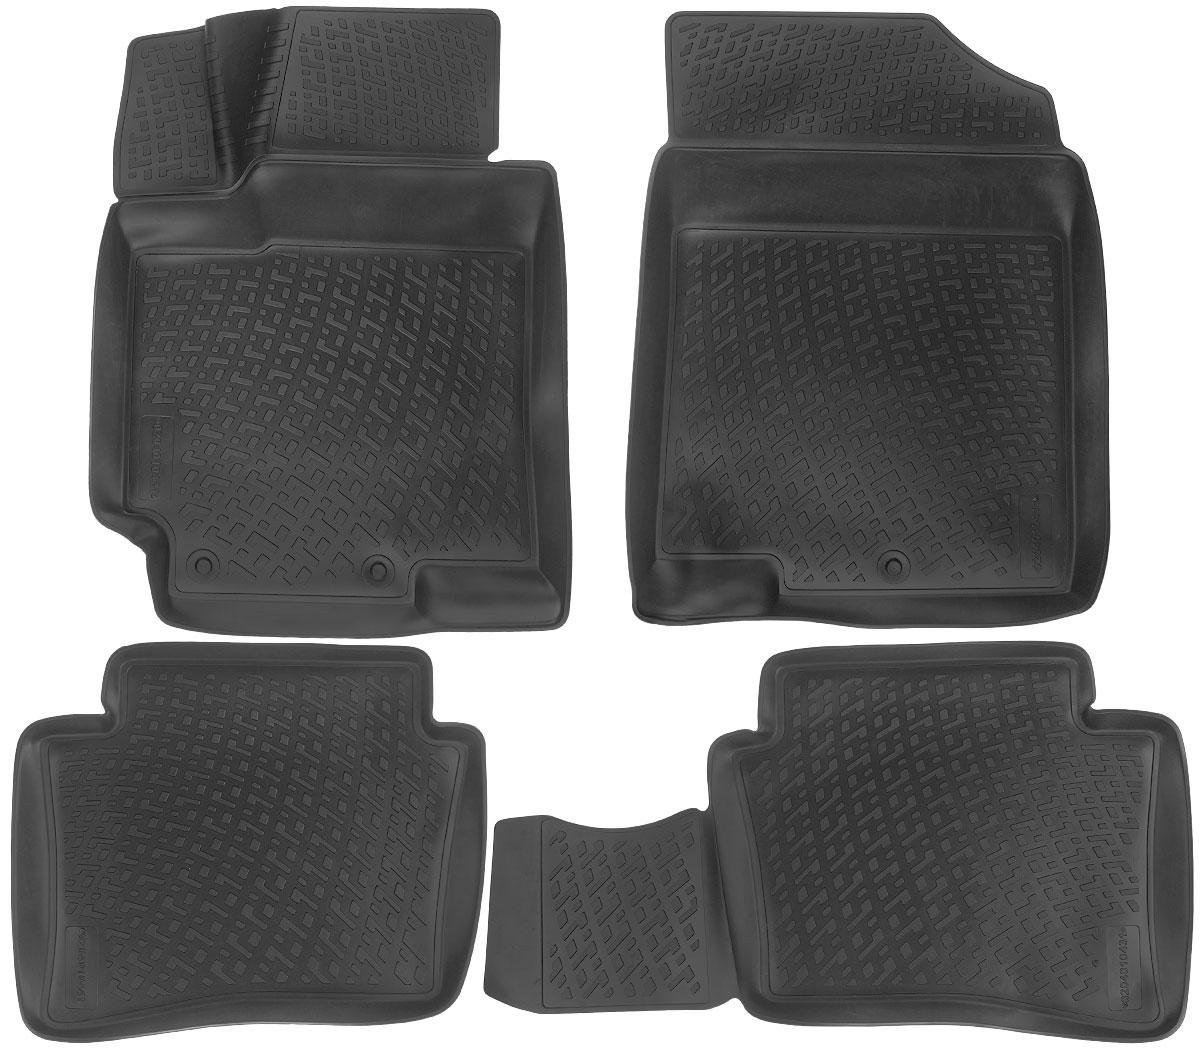 Набор автомобильных ковриков L.Locker Hyundai Accent IV 2010, в салон, 4 шт0204010401Набор L.Locker Hyundai Accent IV 2010, изготовленный из полиуретана, состоит из 4 антискользящих 3D ковриков, которые производятся индивидуально для каждой модели автомобиля. Изделие точно повторяет геометрию пола автомобиля, имеет высокий борт, обладает повышенной износоустойчивостью, лишено резкого запаха и сохраняет свои потребительские свойства в широком диапазоне температур от -50°С до +50°С. Комплектация: 4 шт. Размер ковриков: 75 см х 56 см; 84 см х 45 см; 56 см х 46 см; 73 см х 56 см.